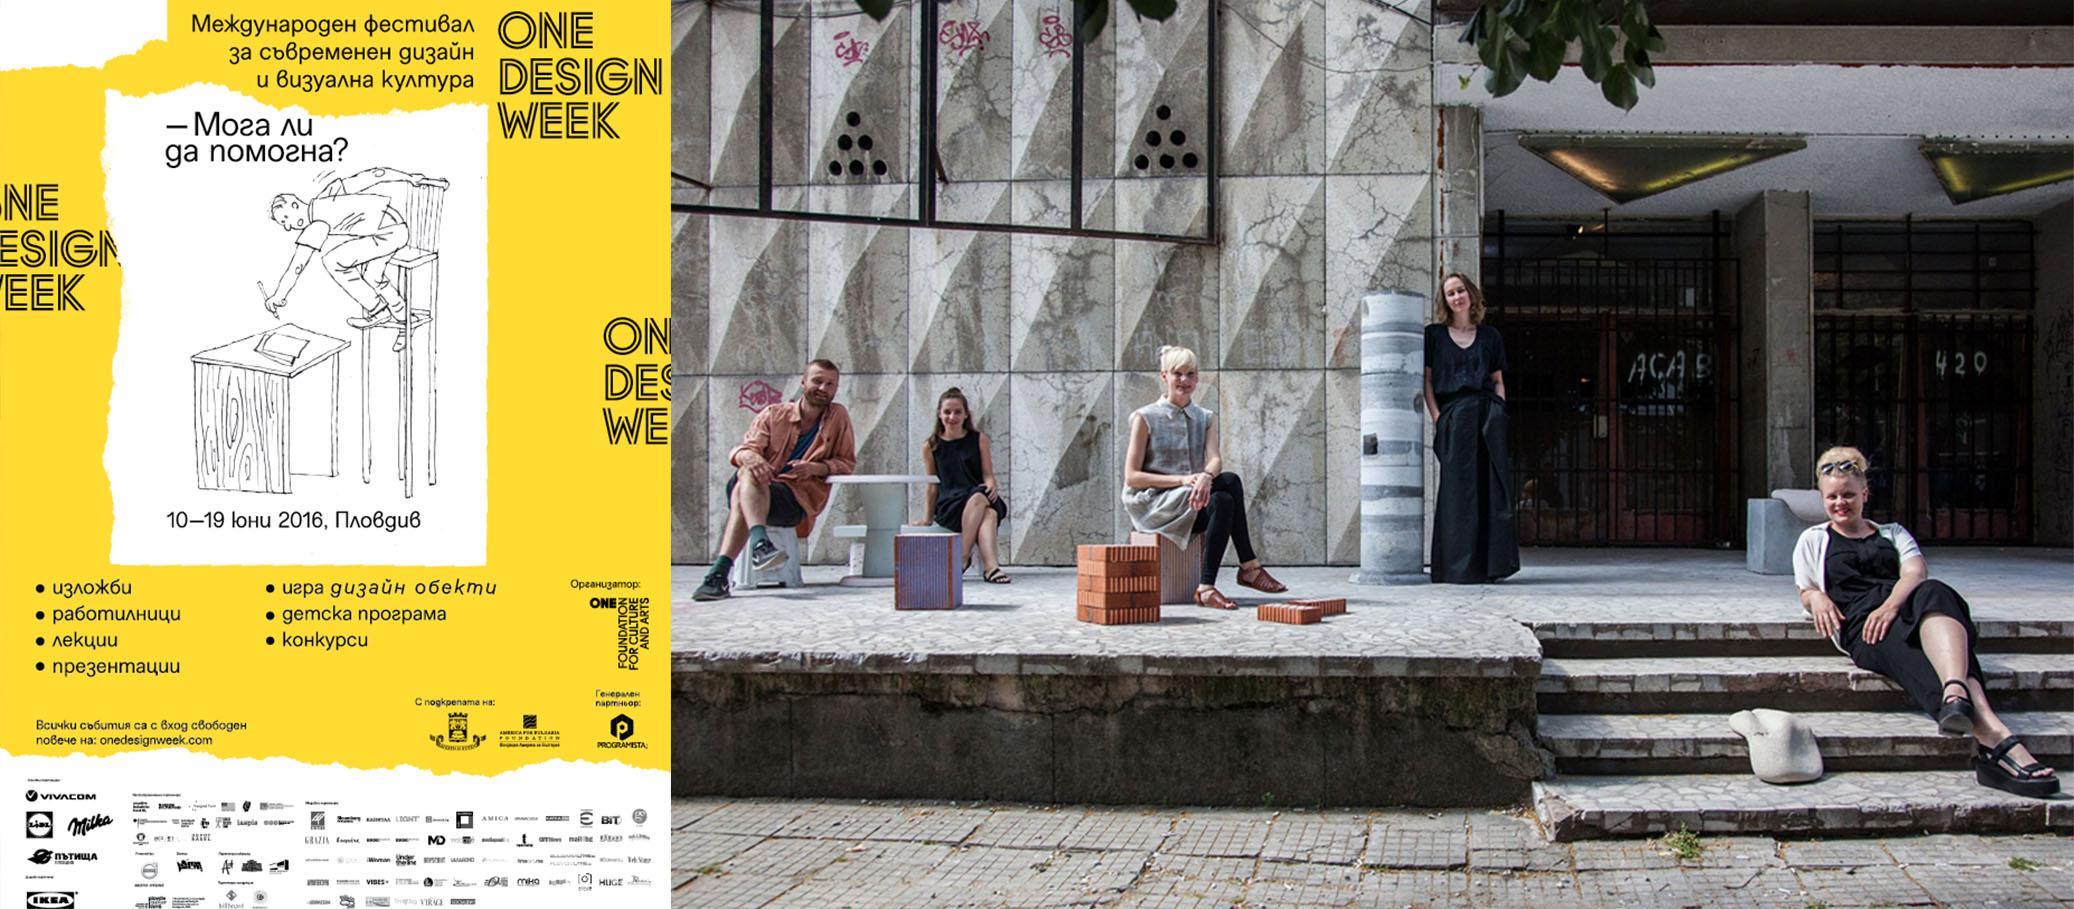 one design week2.jpg